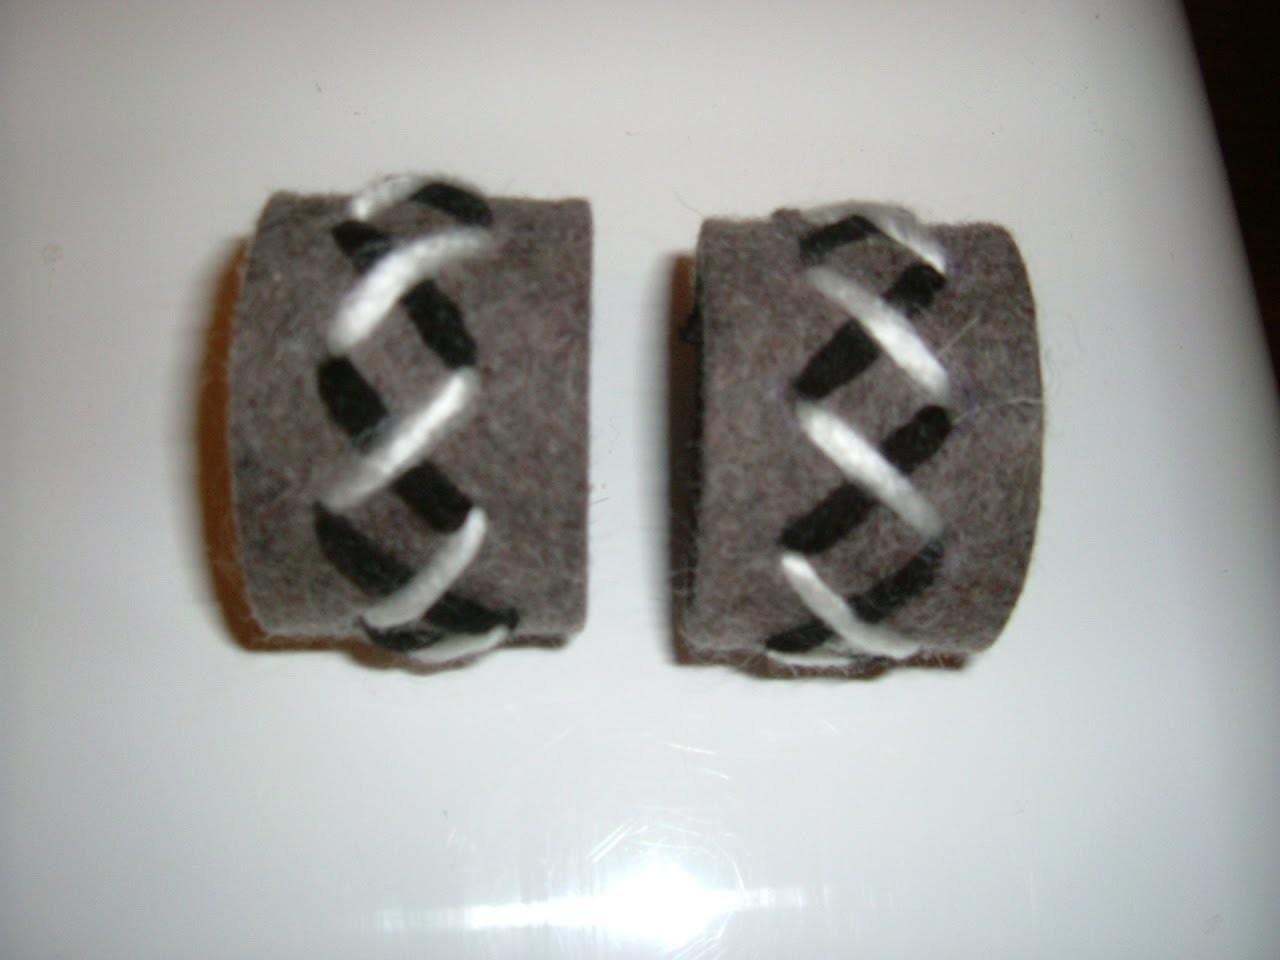 Schöne Serviettenringe Basteln mit den Wollresten  (einfach selbermachen)